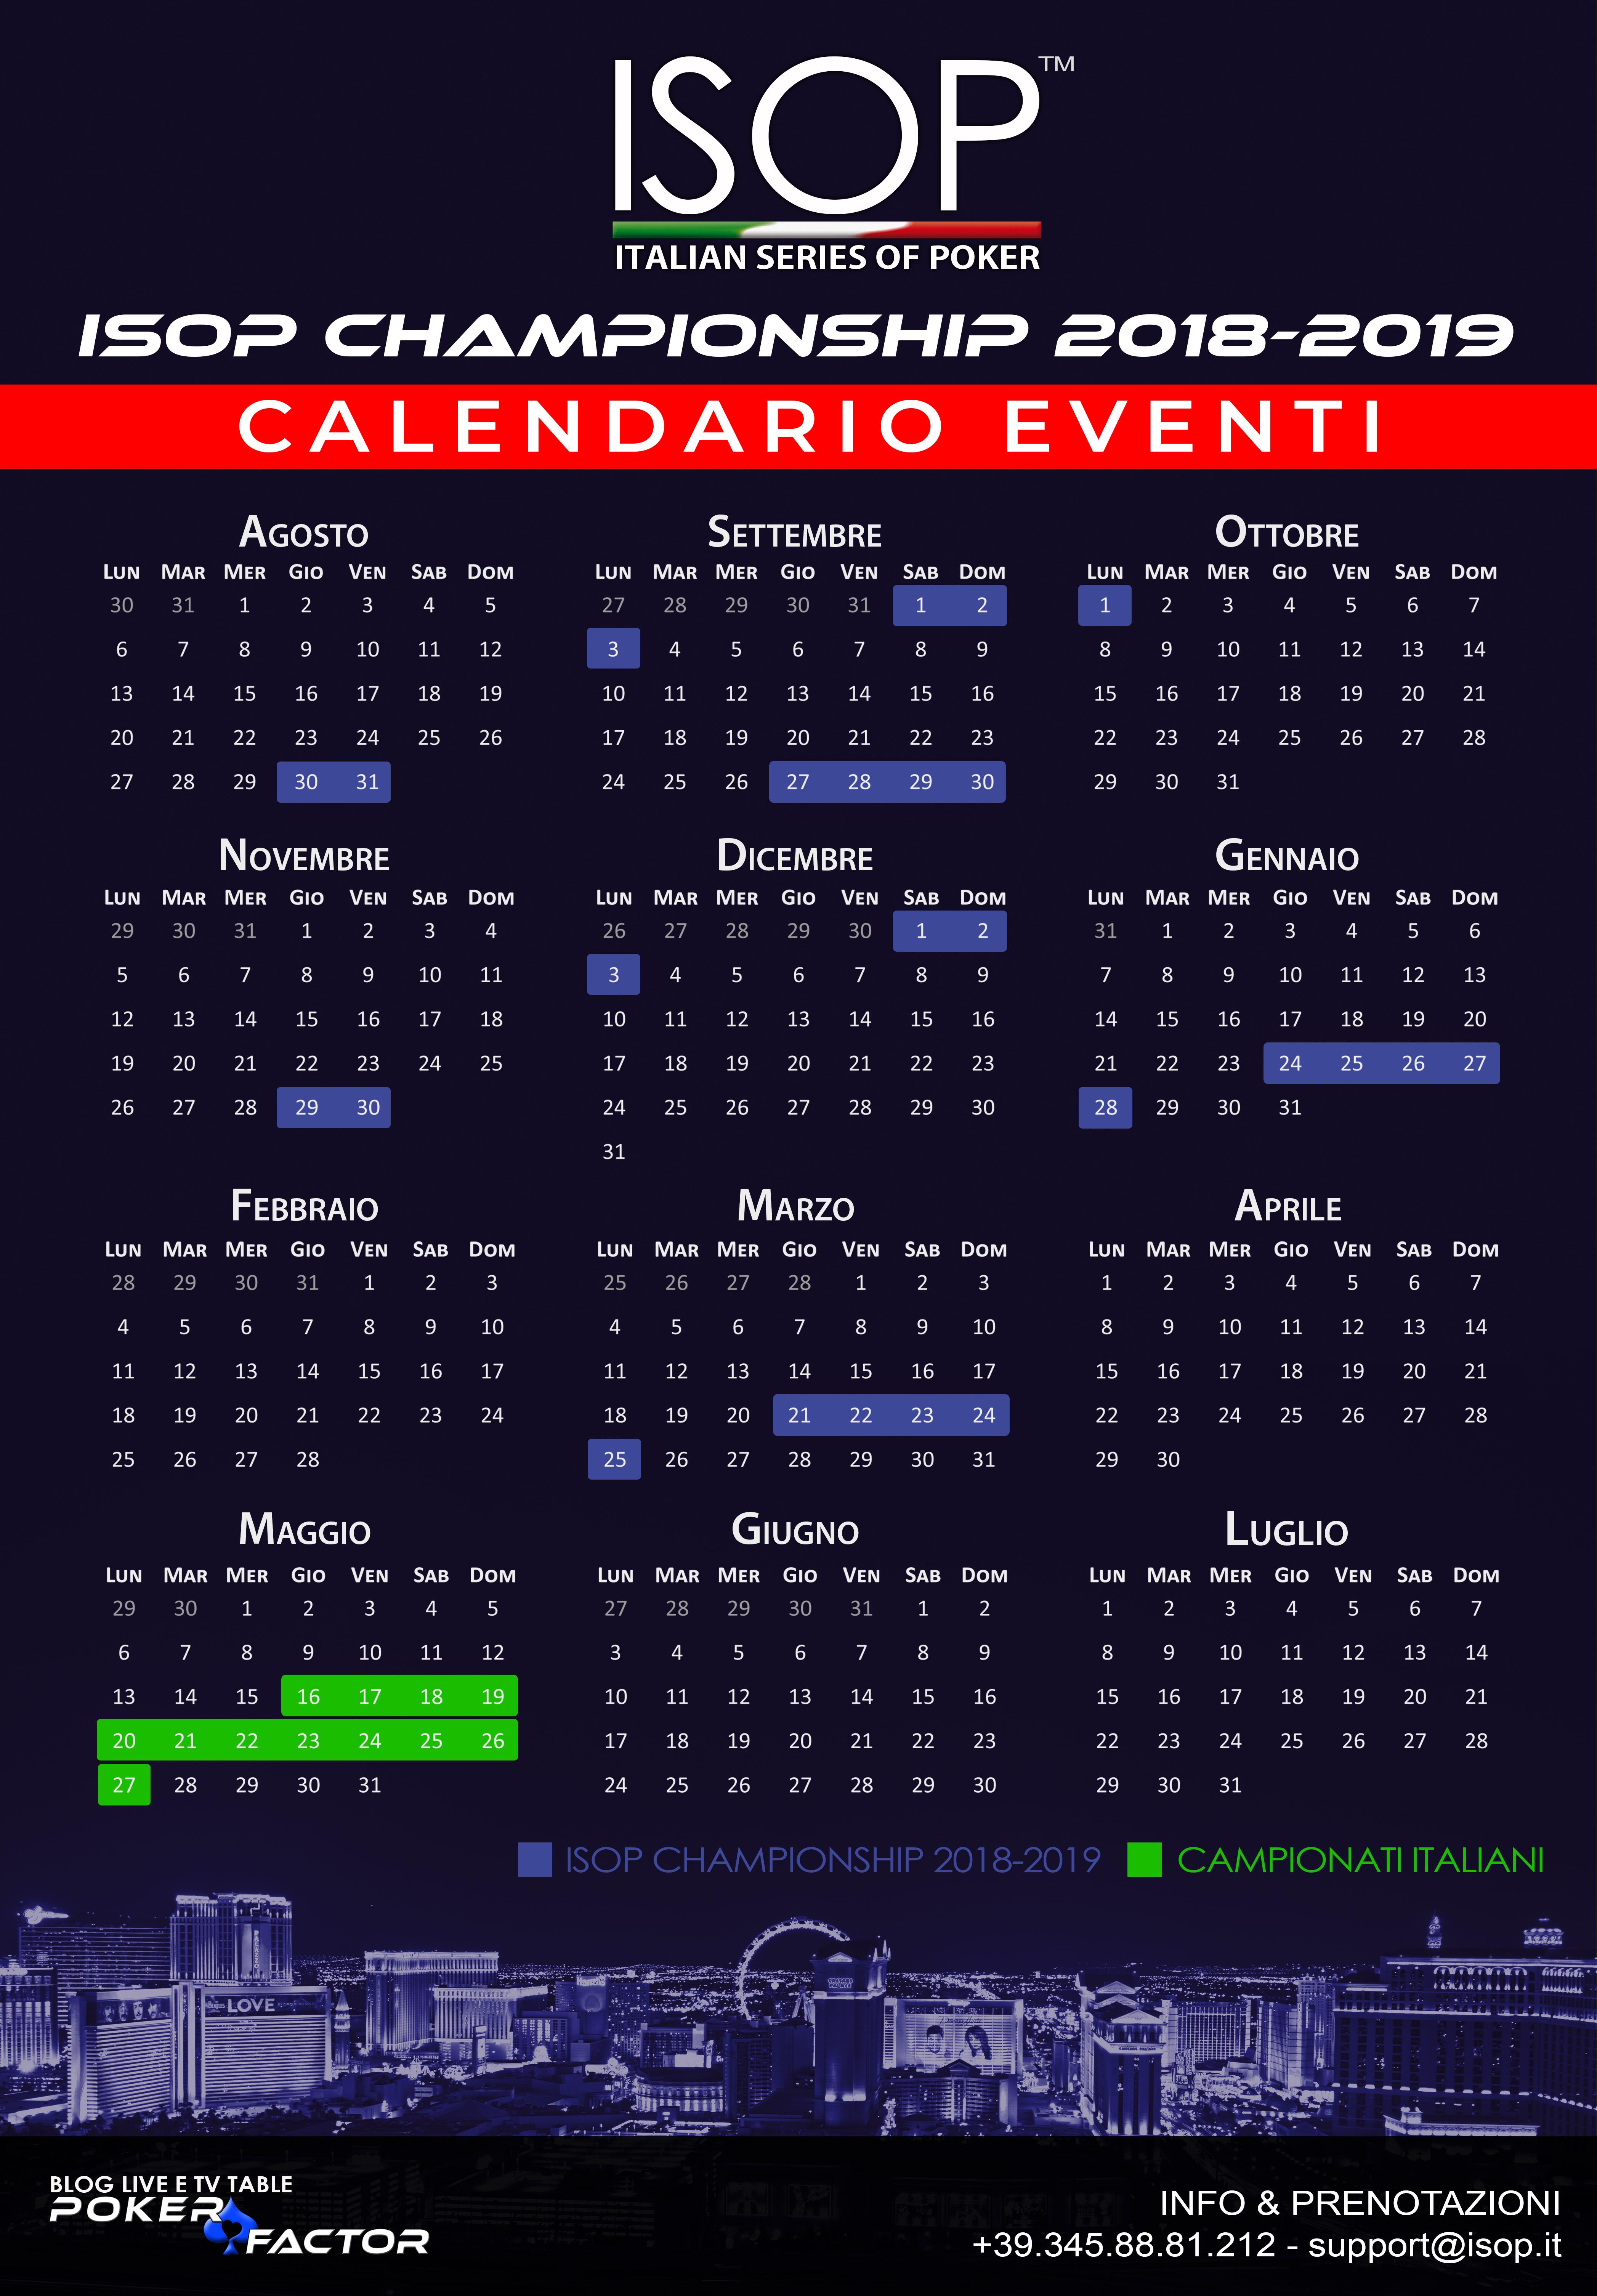 calendario eventi isop championship 2018-2019